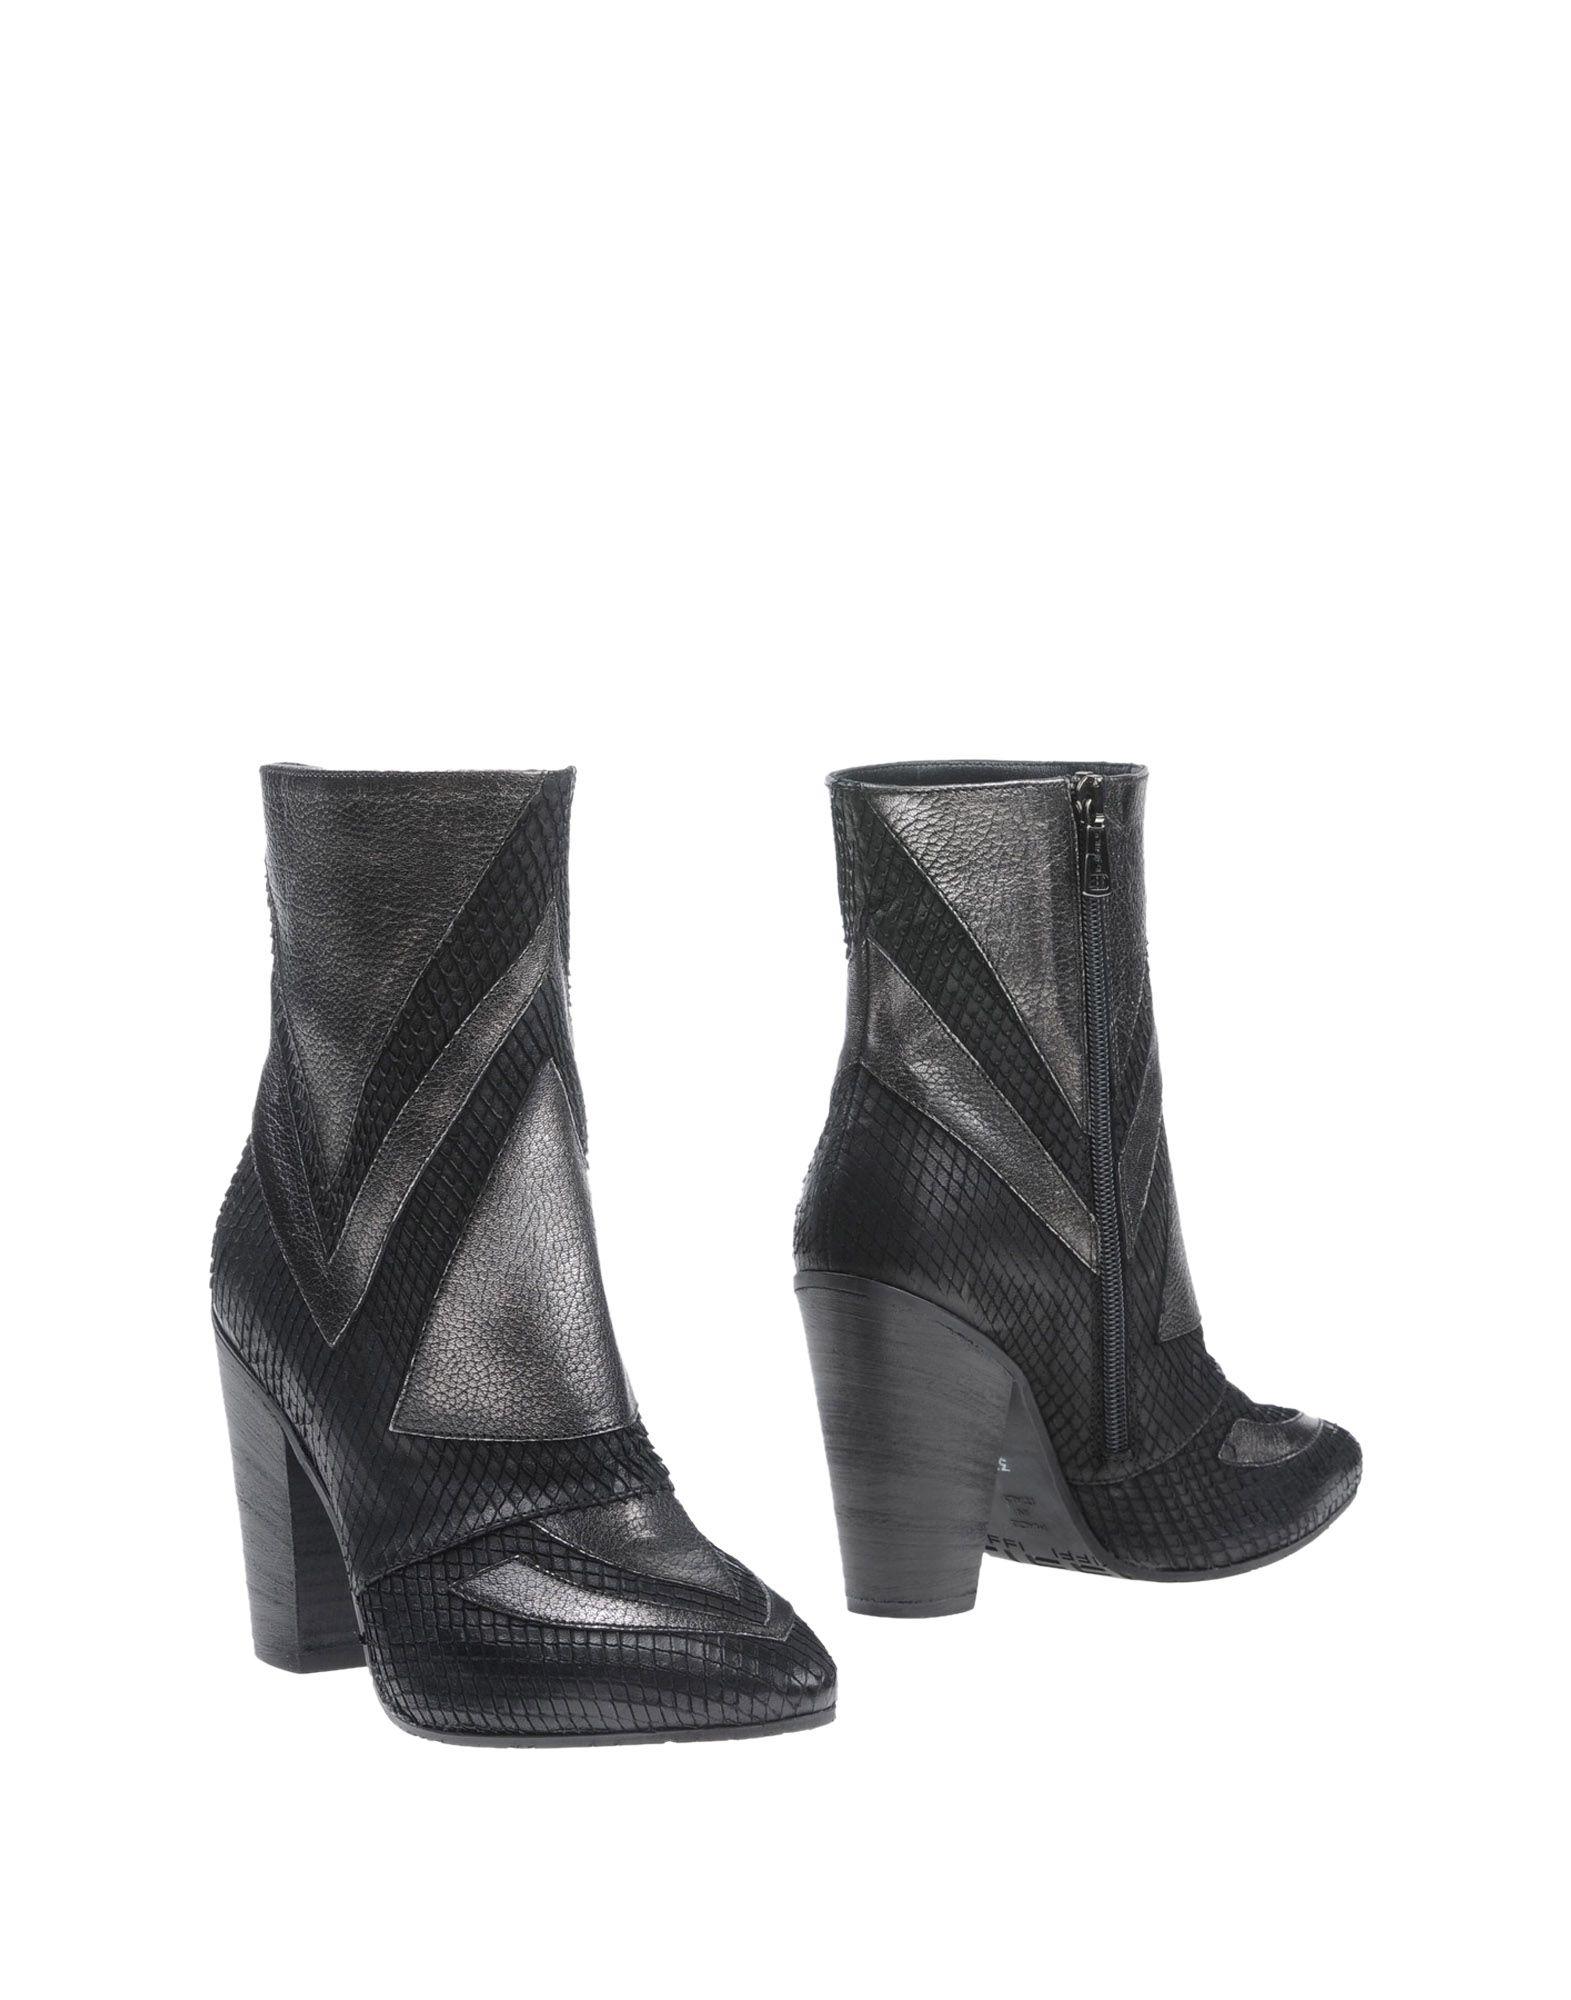 Tiffi Stiefelette Damen  11356673UJ Gute Qualität beliebte Schuhe